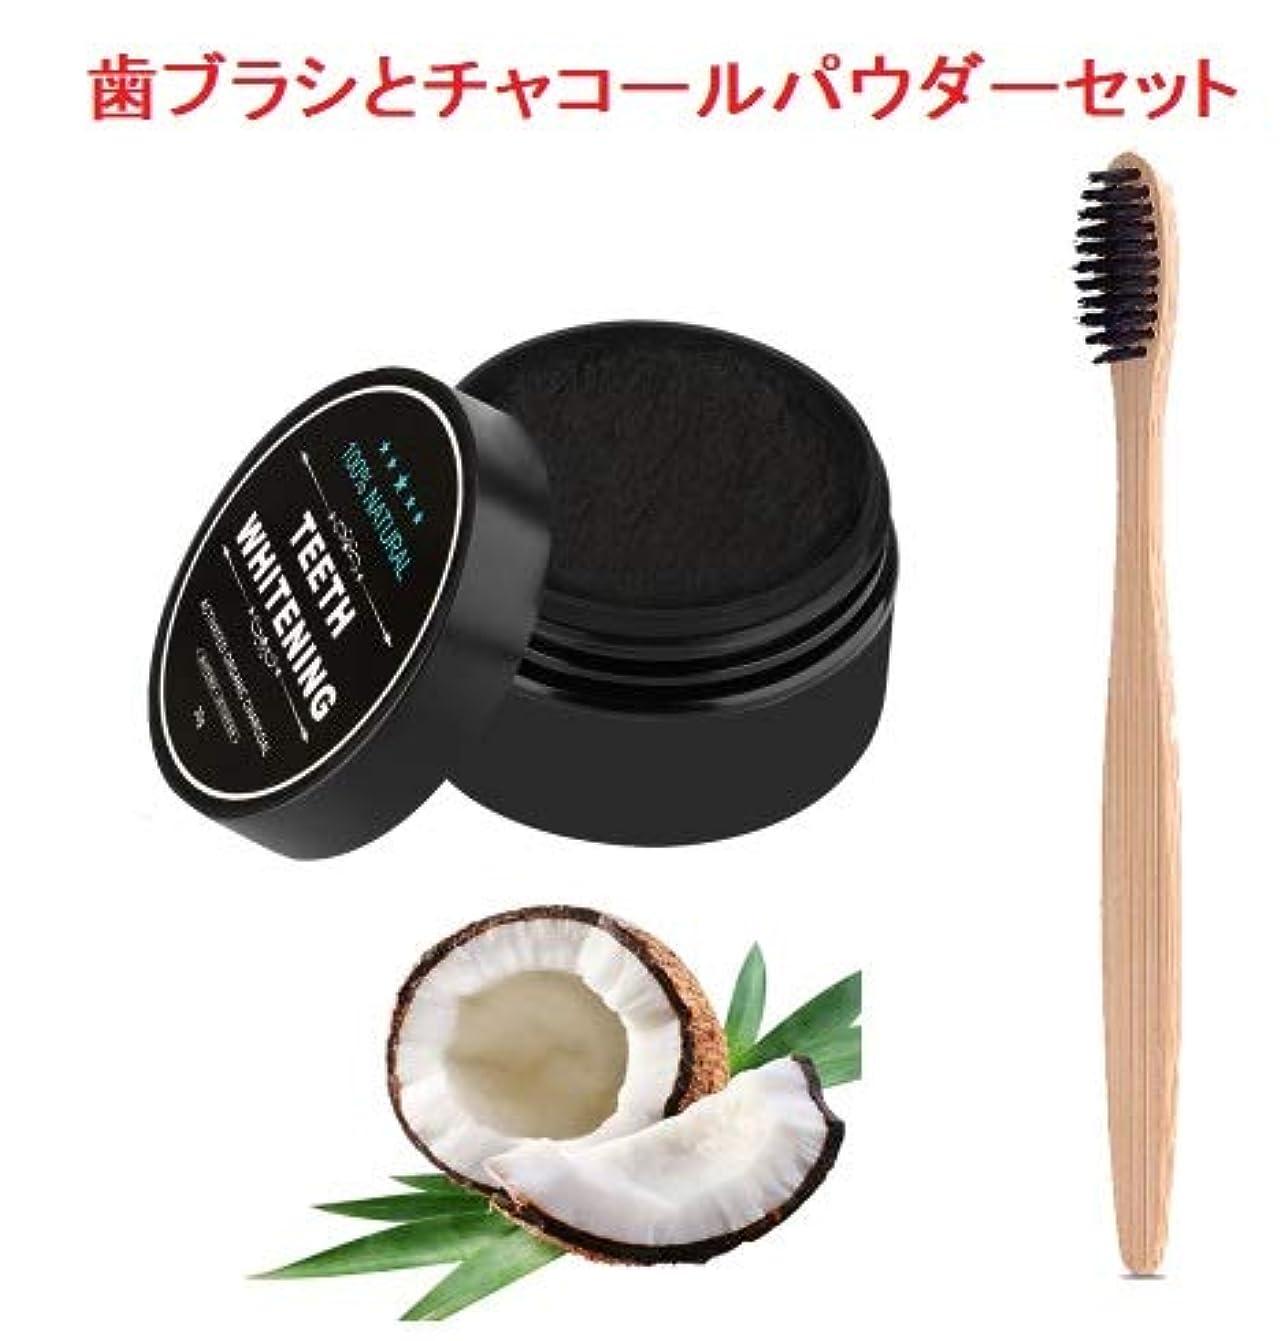 仲間、同僚知覚的はちみつIzmirli Bamboo Charcoal and Wooden Toothbrush Set - Izmirli竹炭と木製の歯ブラシセット